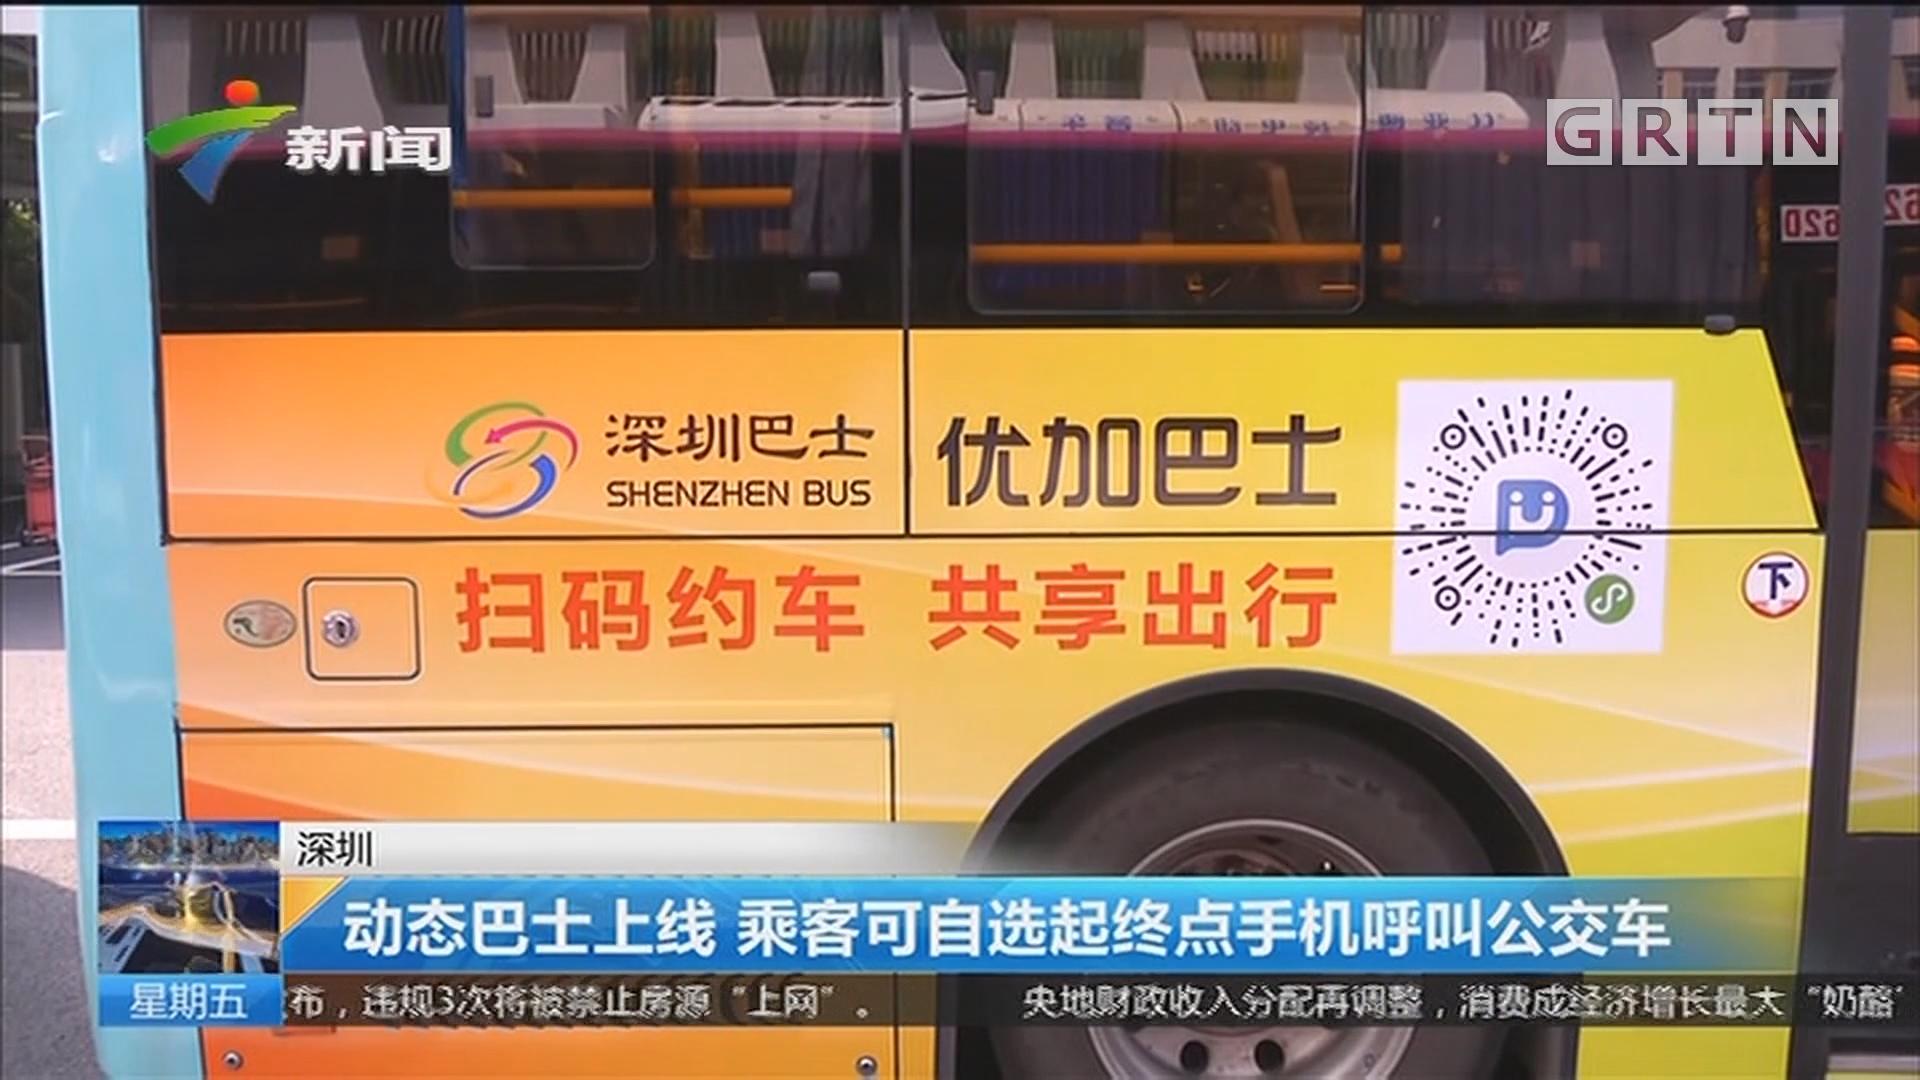 深圳 动态巴士上线 乘客可自选起终点手机呼叫公交车